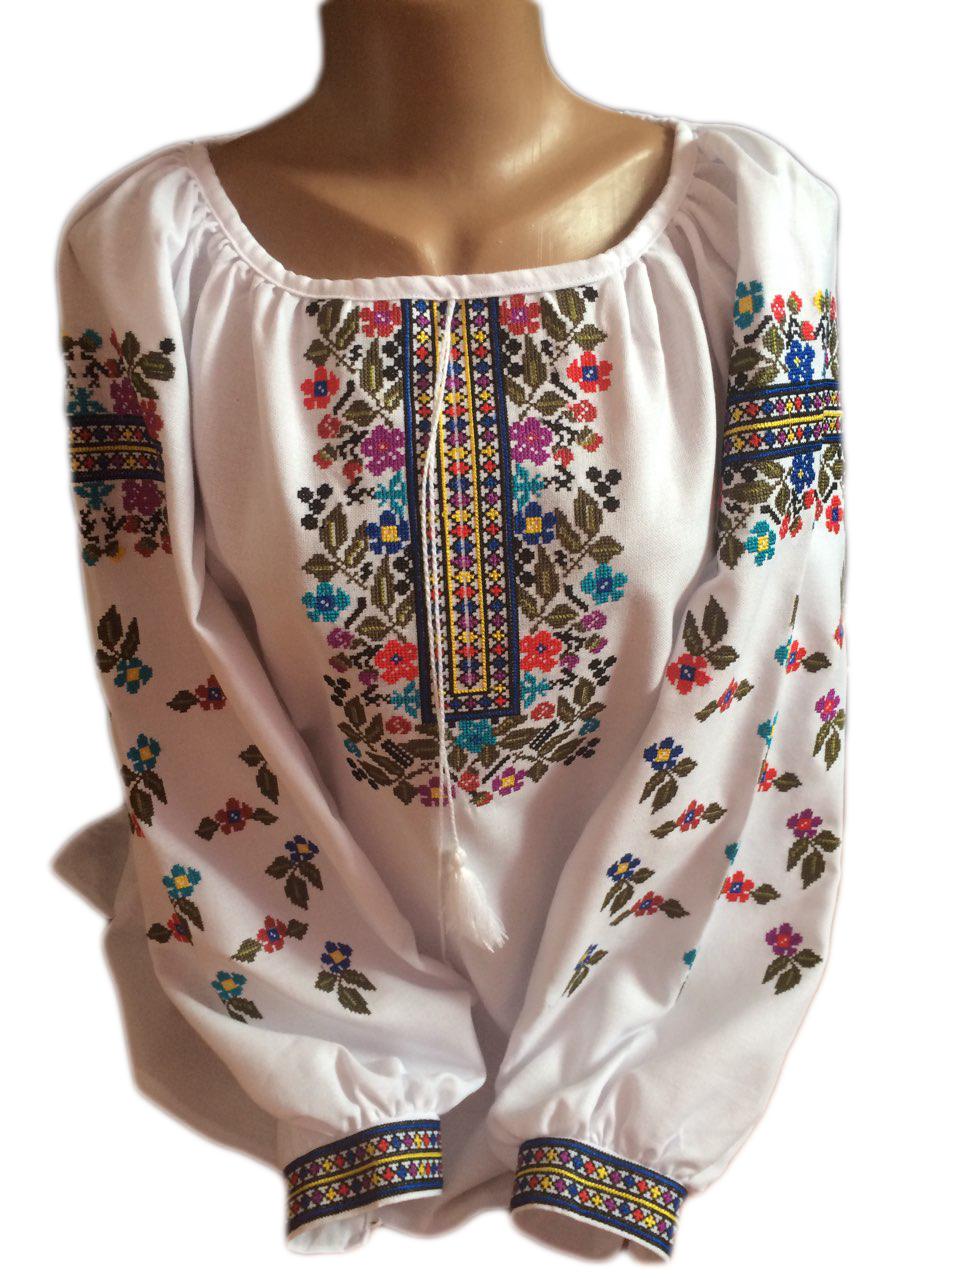 """Жіноча вишита сорочка (блузка) """"Вінті"""" (Женская вышитая рубашка (блузка) """"Винти"""") BT-0034"""